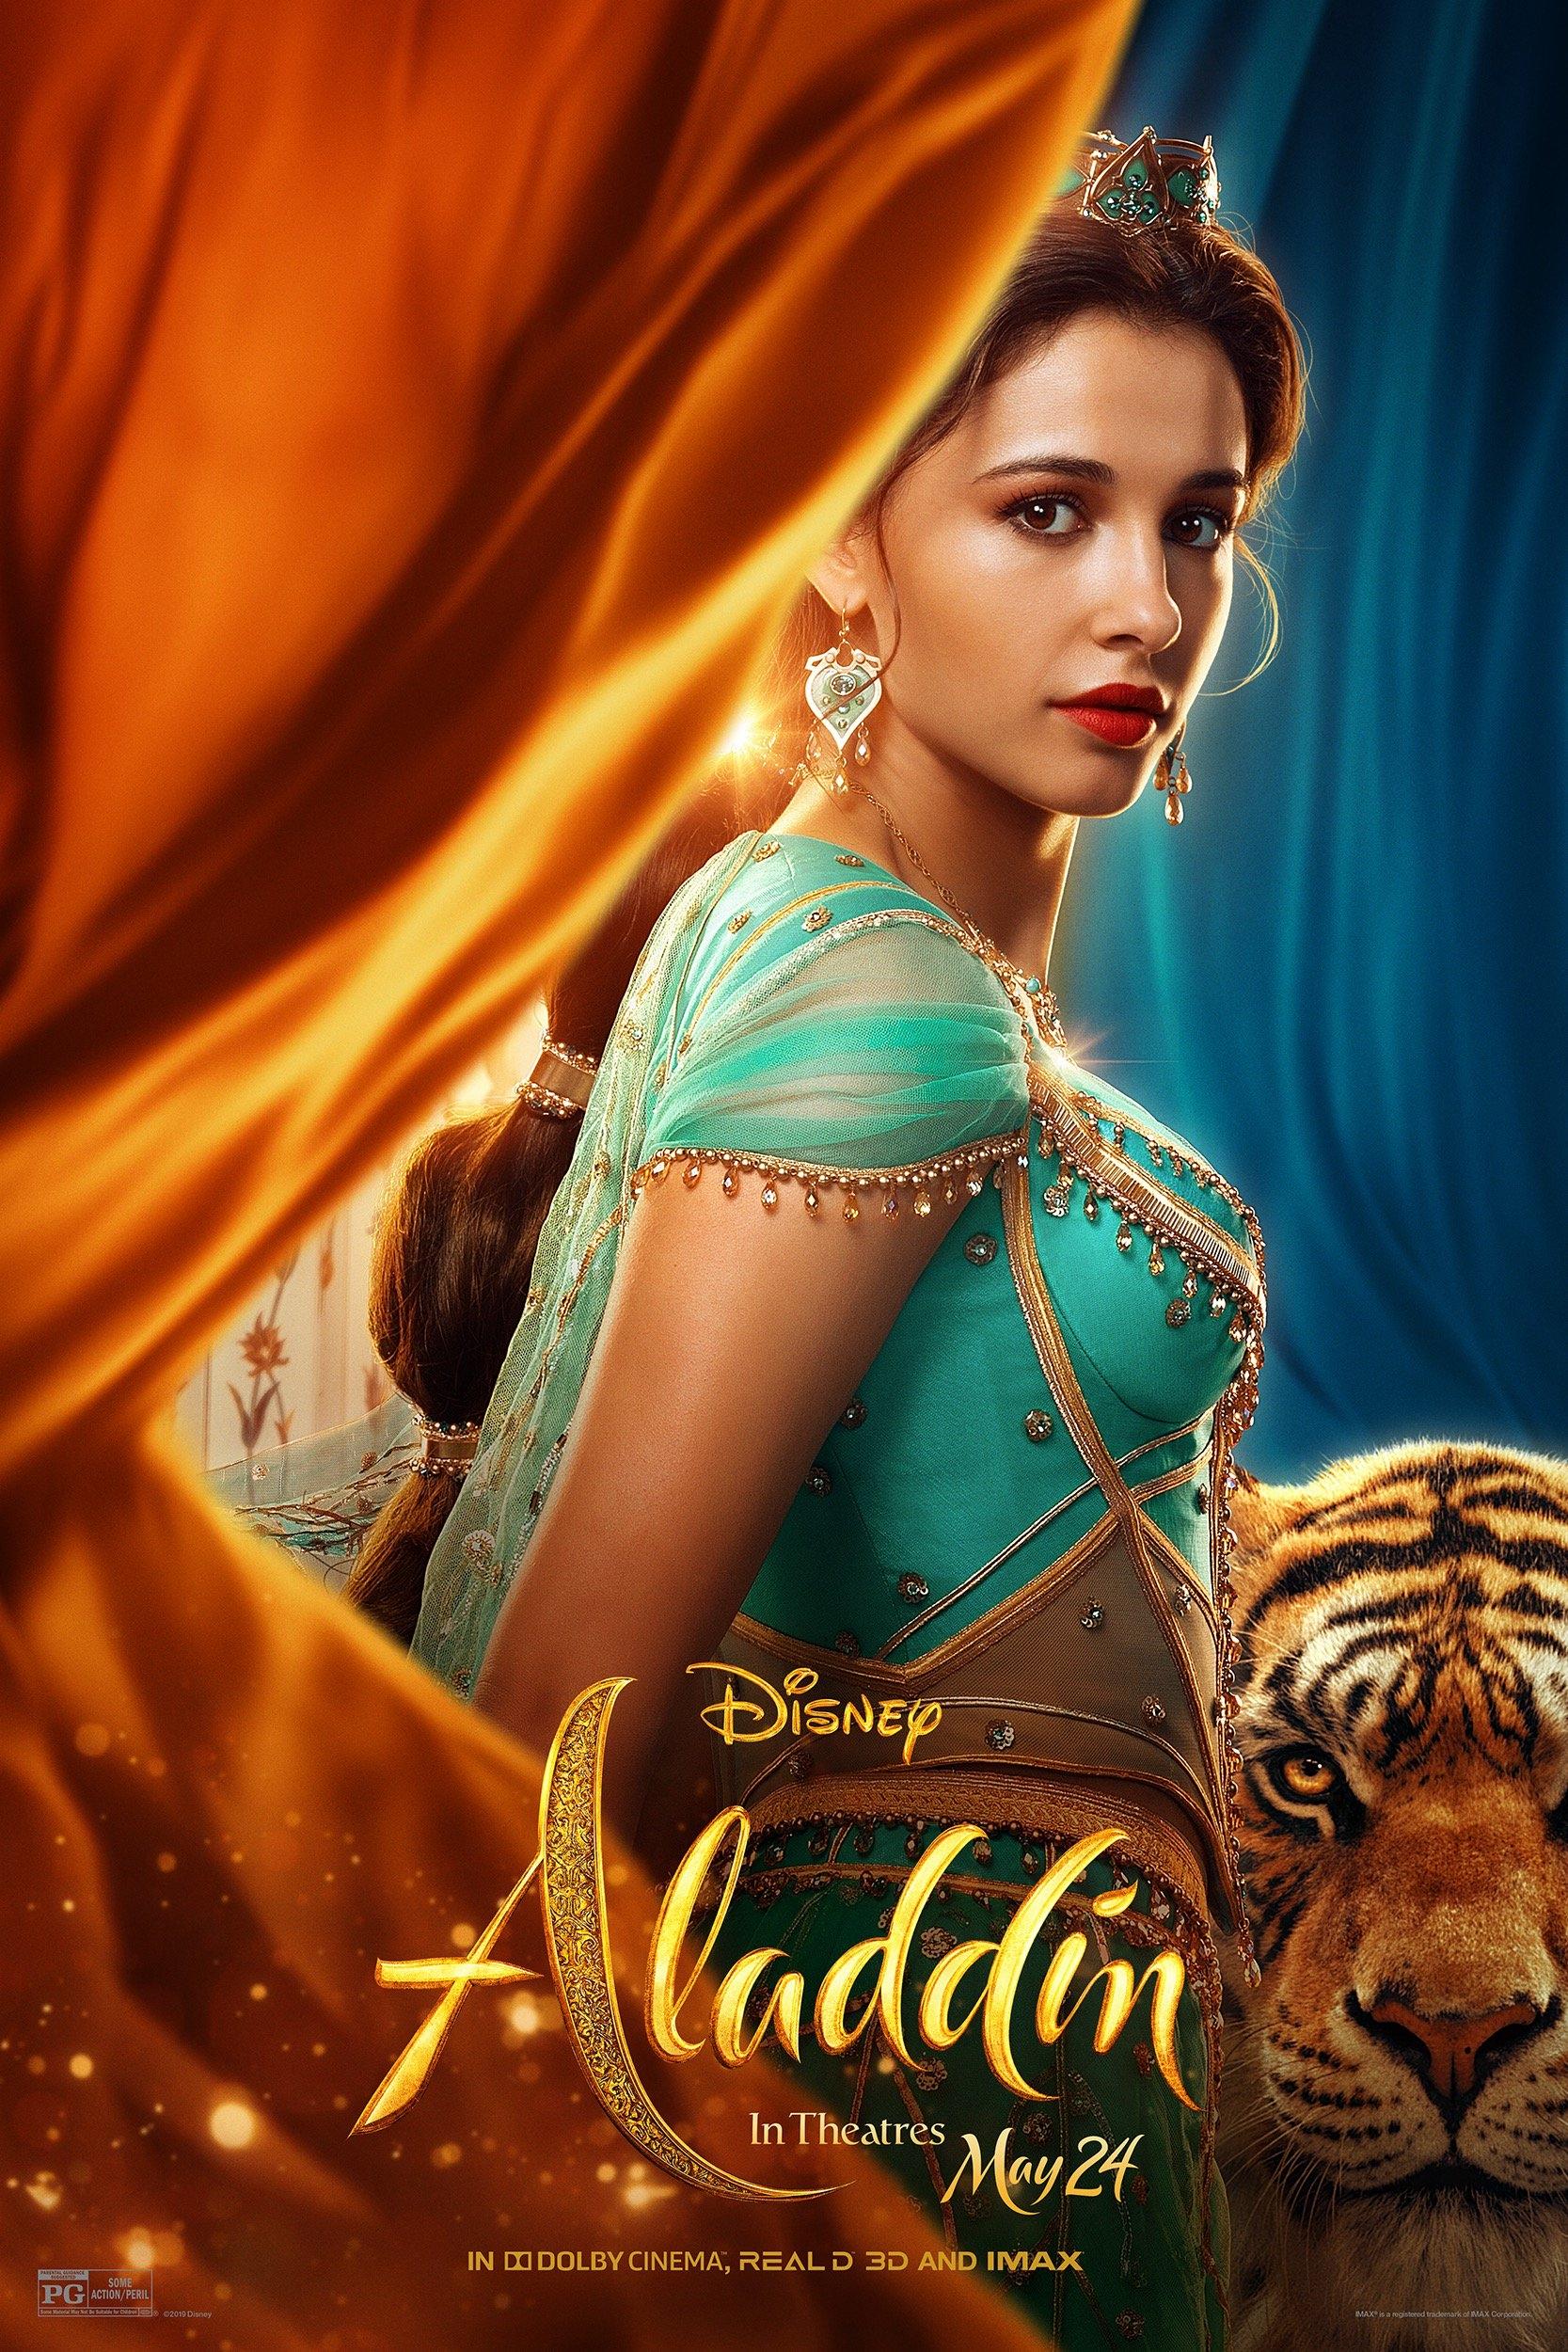 Jasmine 2019 Aladdin Wiki Fandom Powered By Wikia